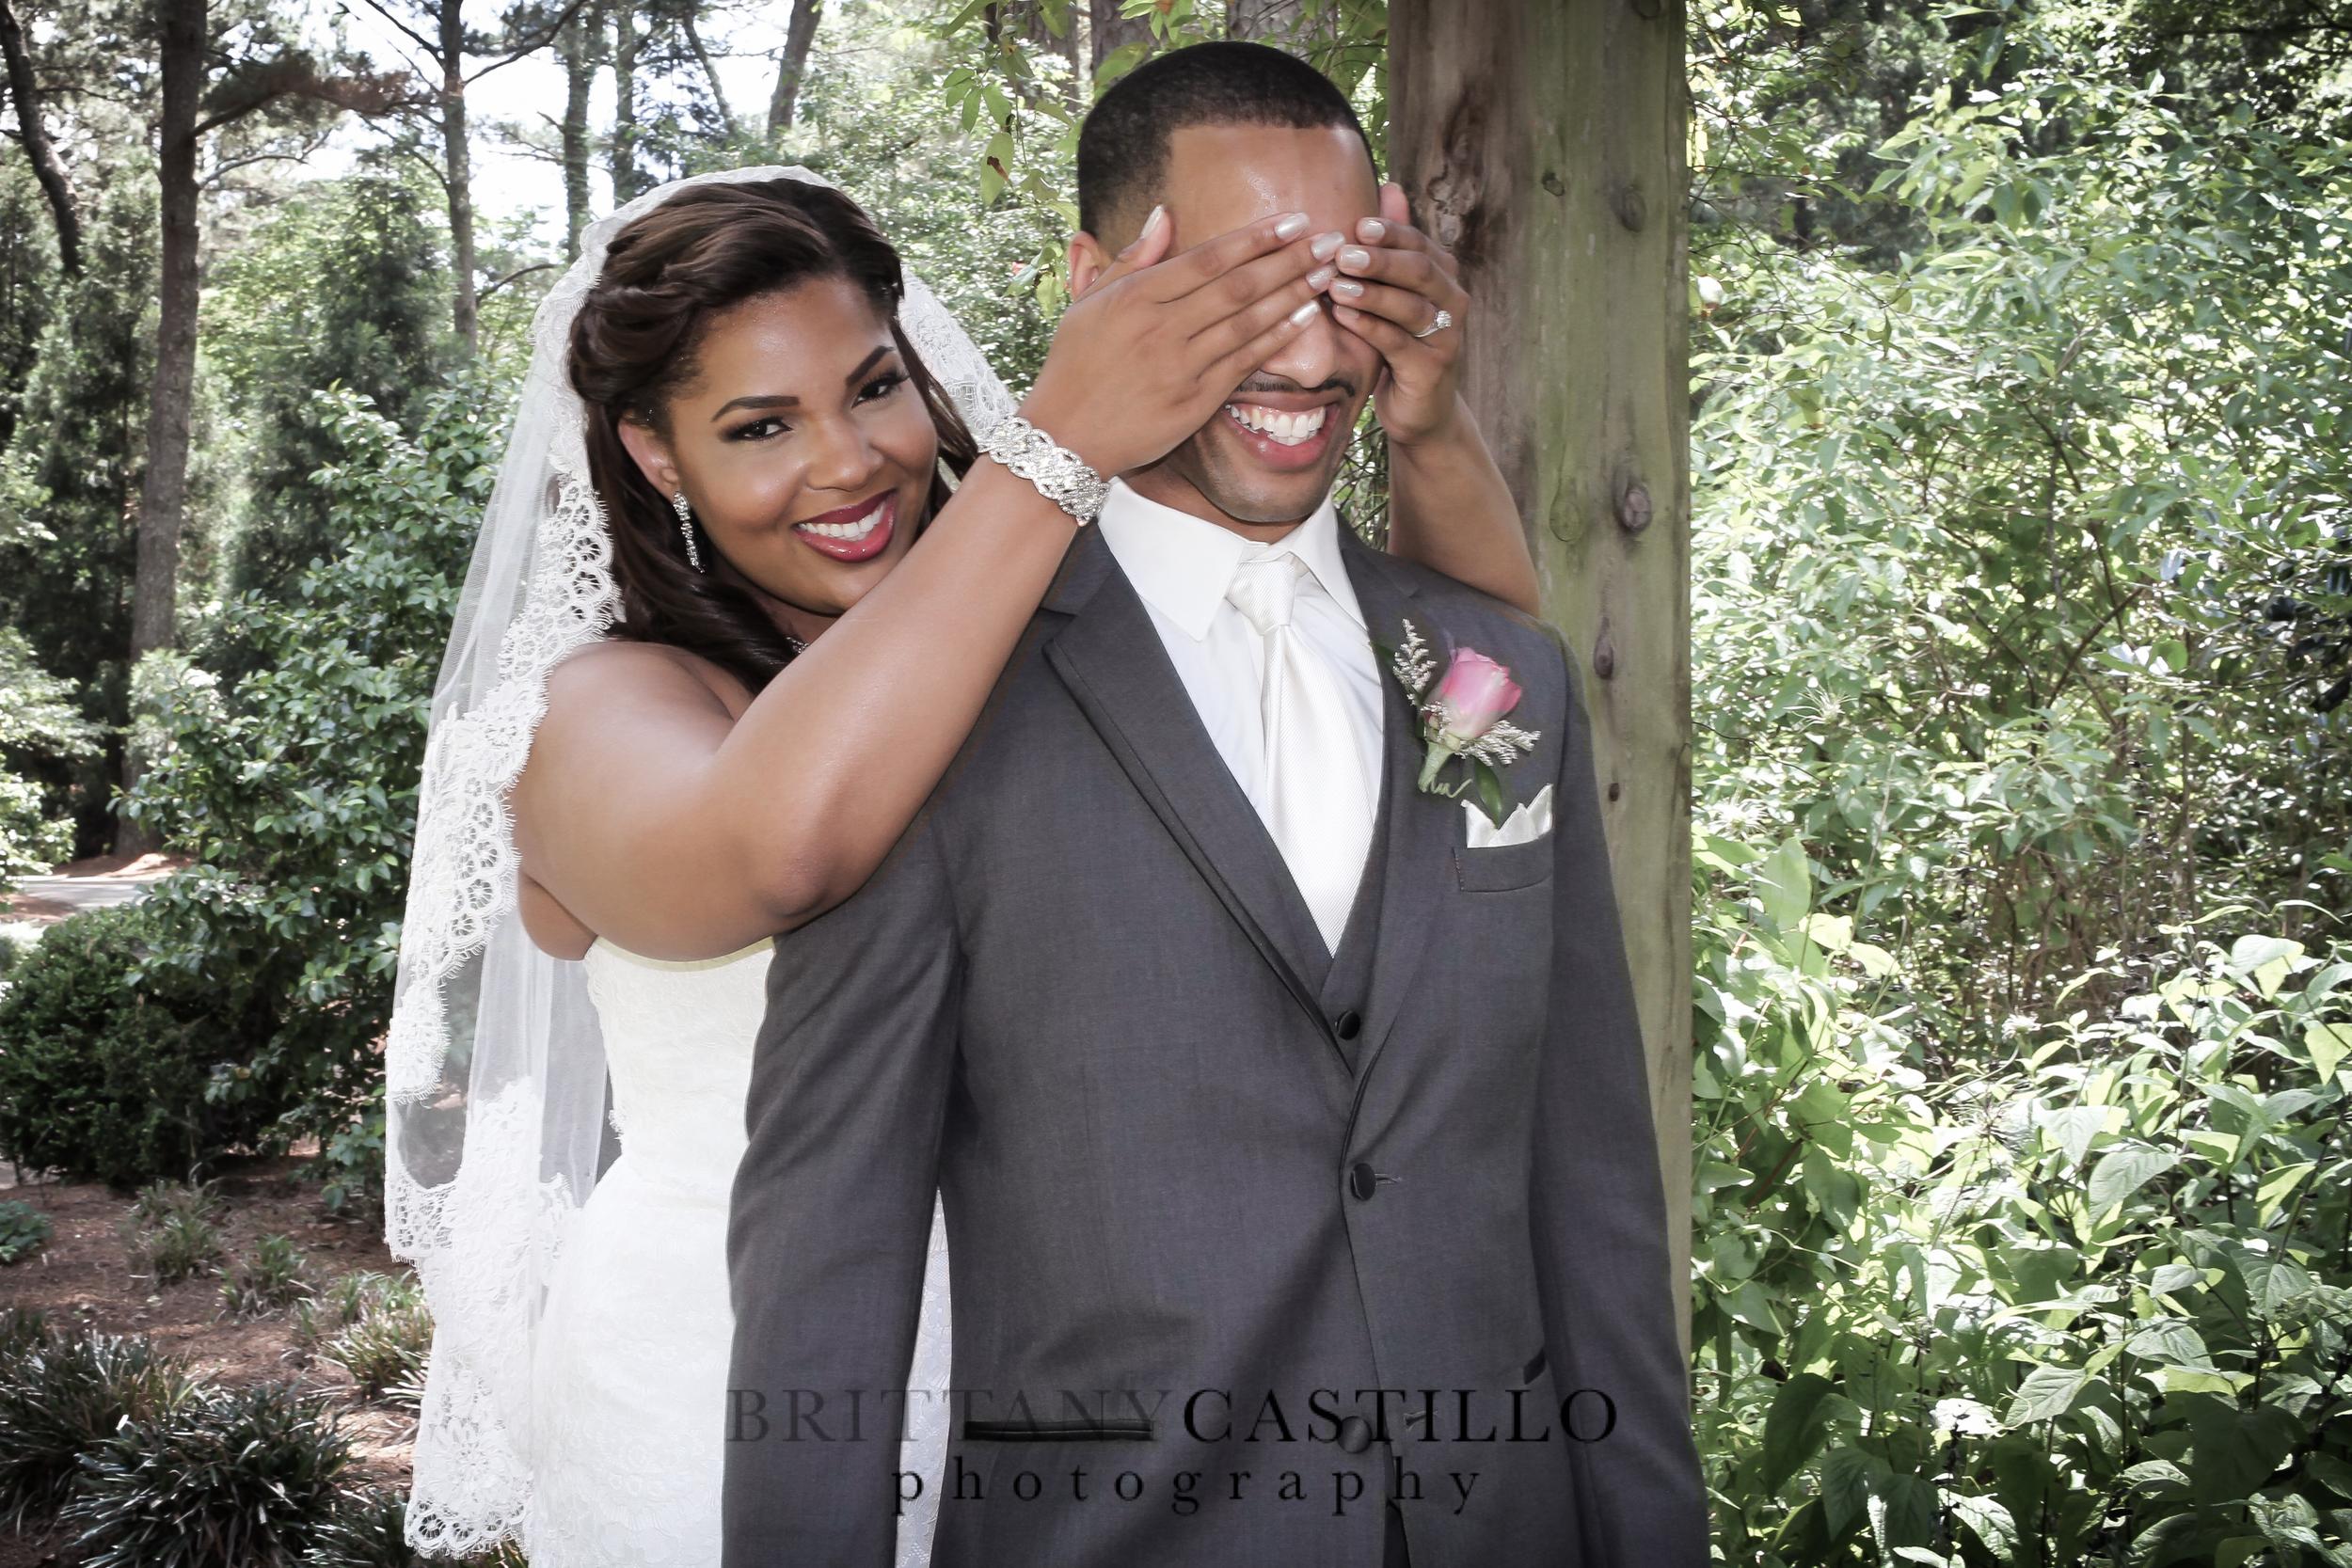 Danielle Williams WM Wedding (4 of 4).jpg